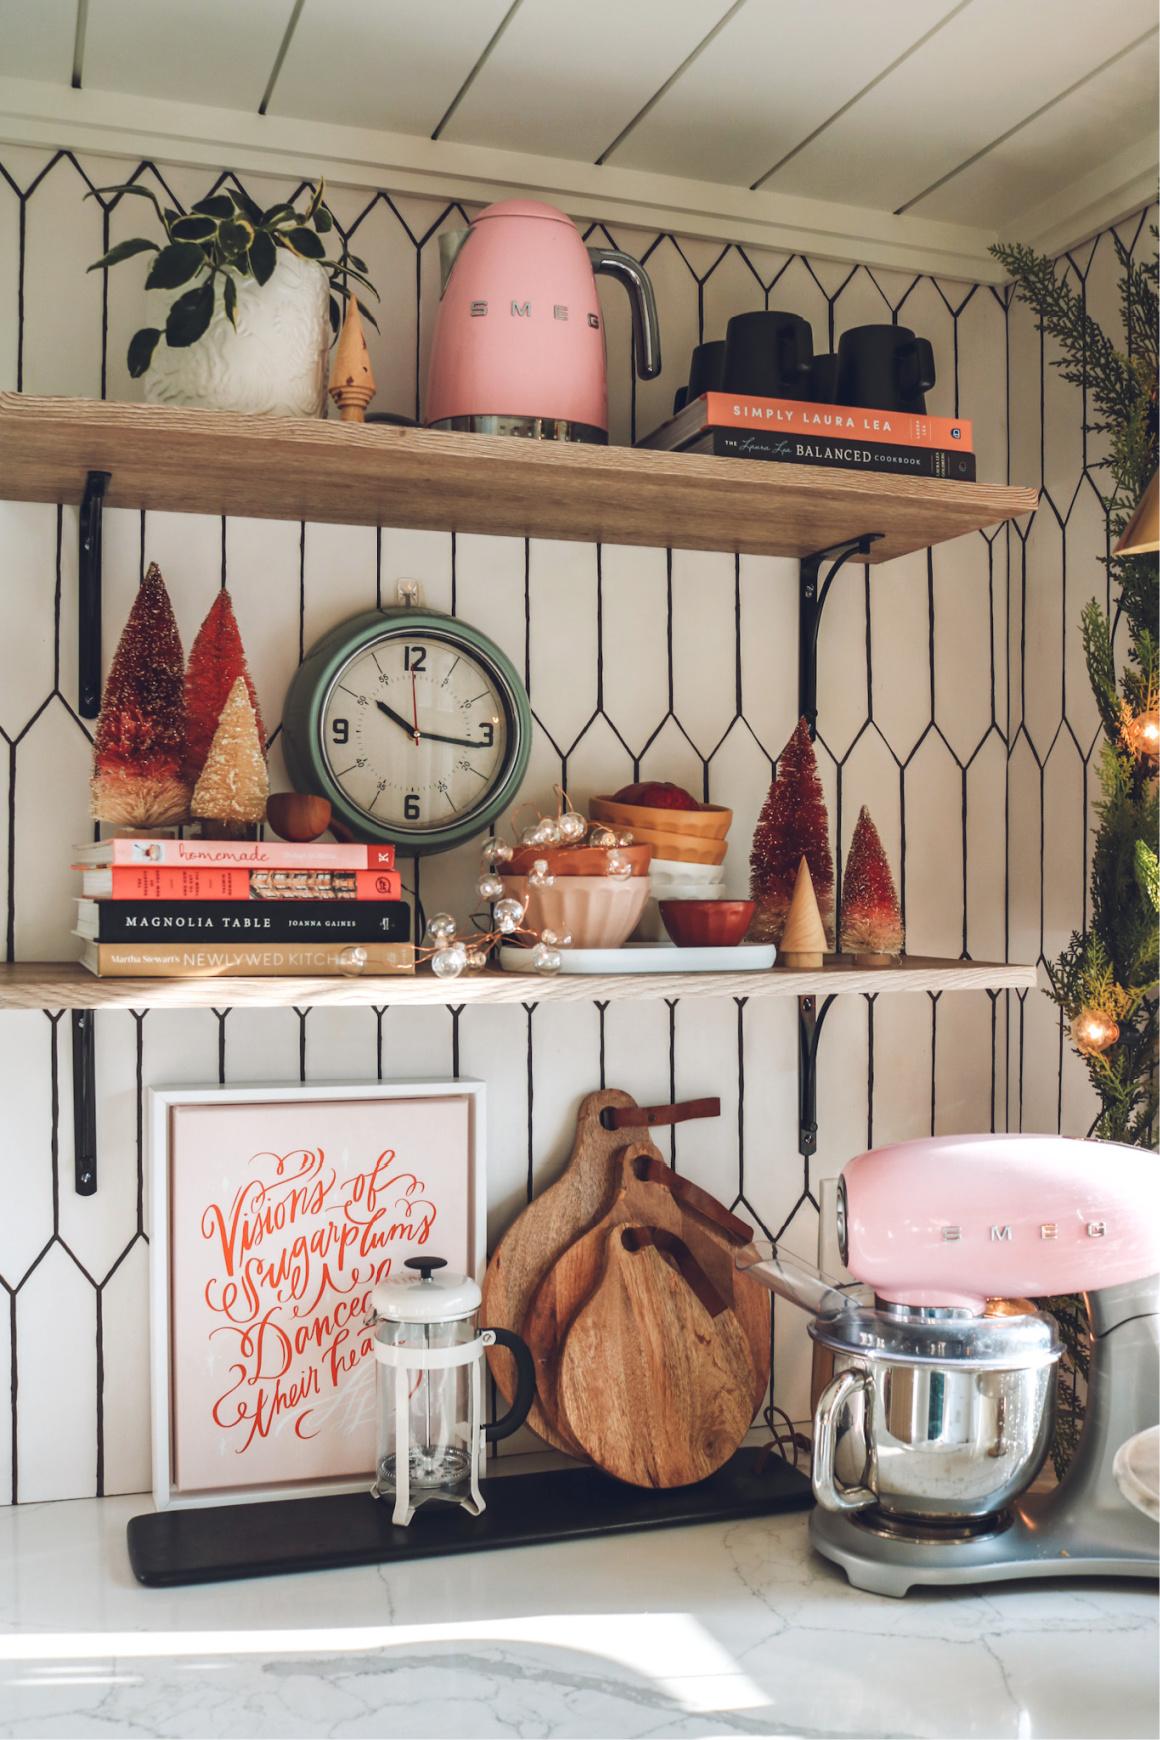 Christmas Decor on Open Shelves